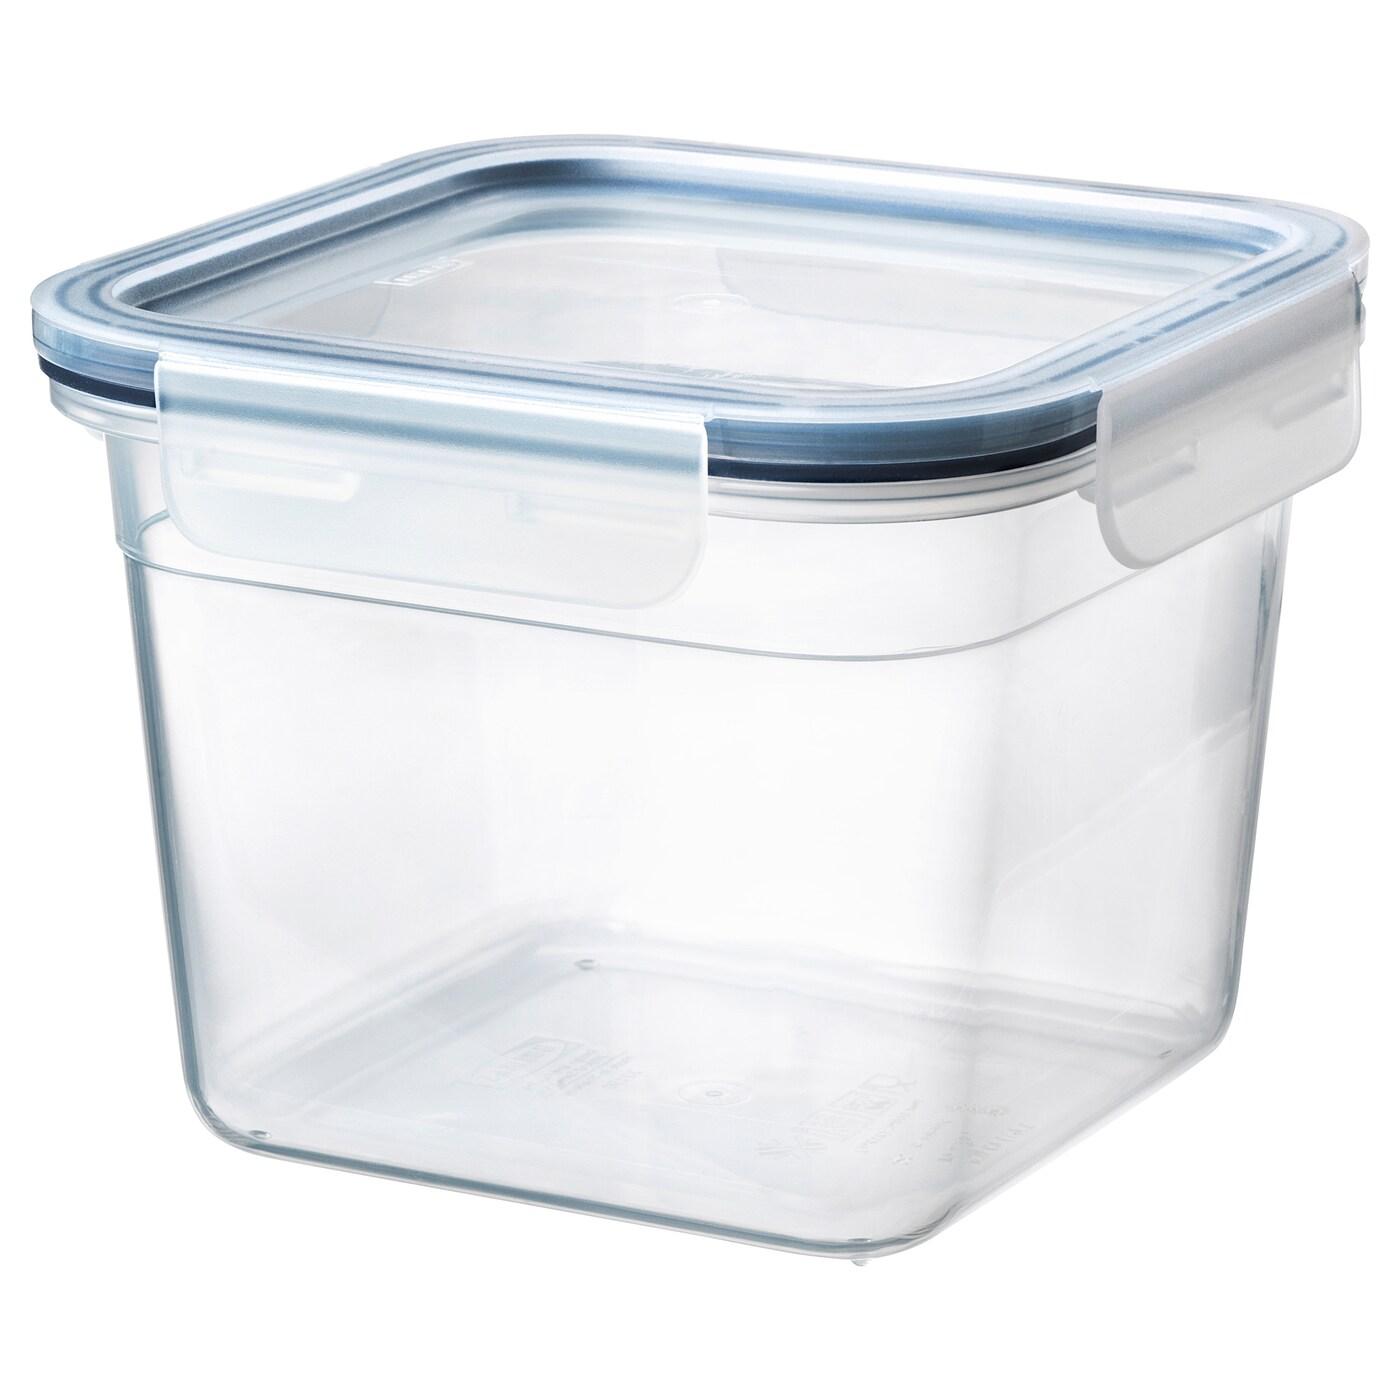 IKEA 365+ Vorratsbehälter mit Deckel - 1,4 l